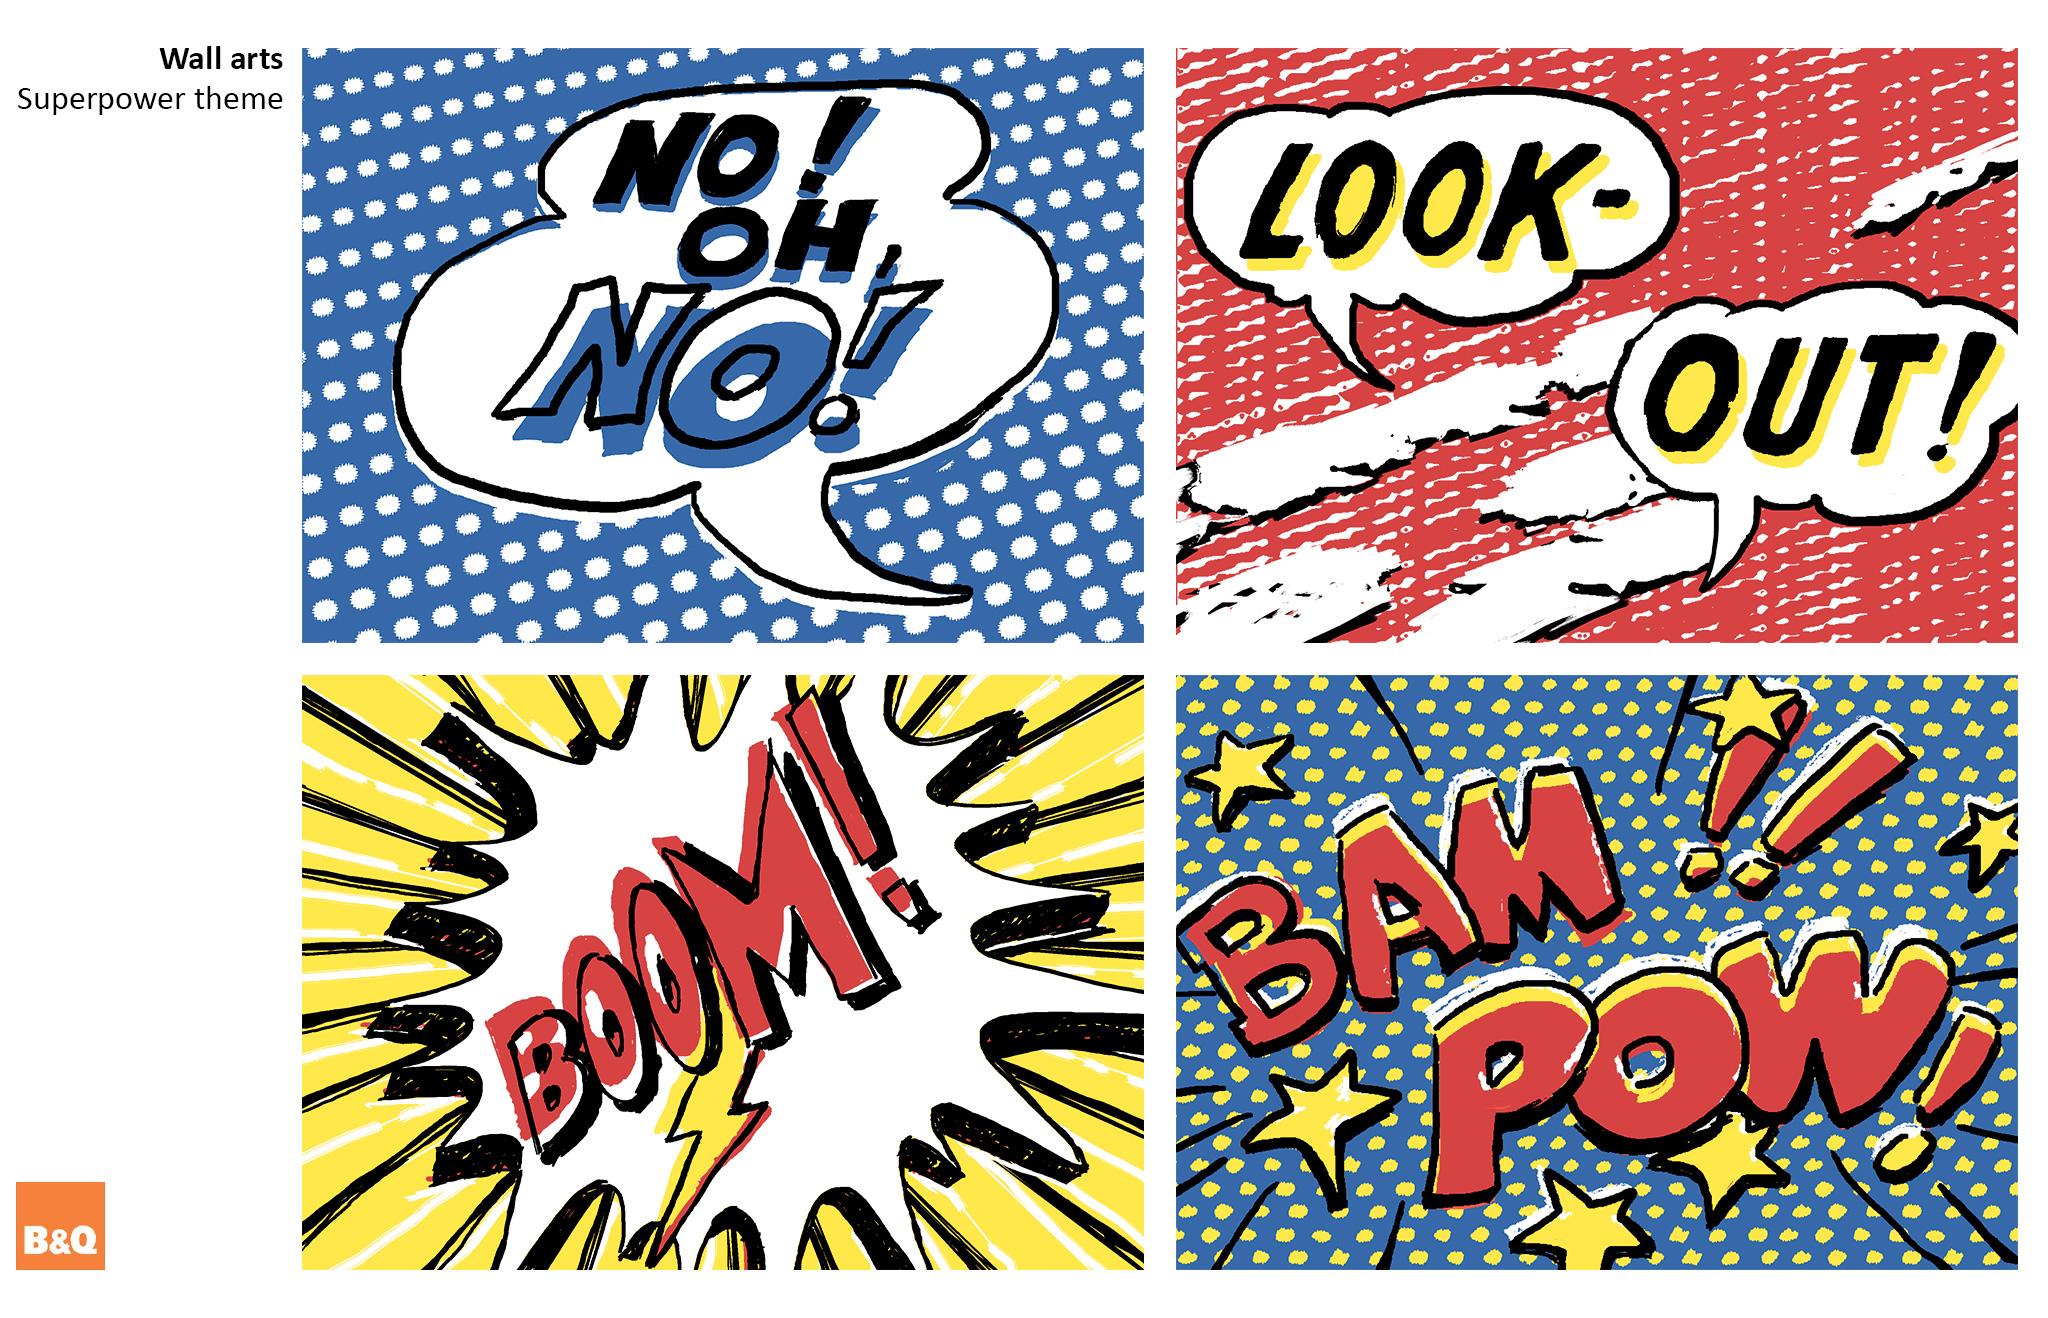 08 BnQ Superpower